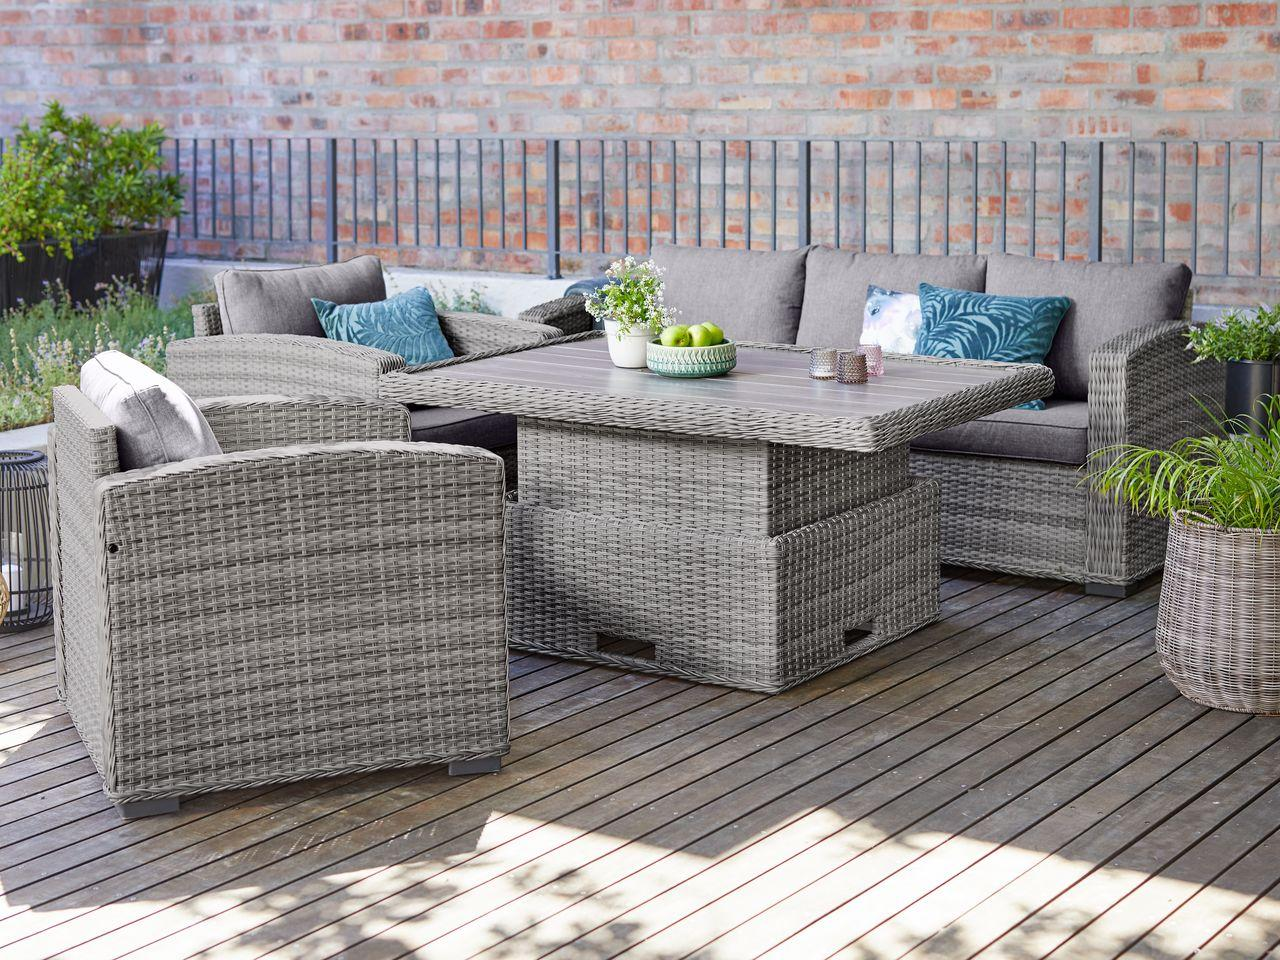 Комплект мебели из искусственного ротанга 3-местная софа, 2 кресла, 1 стол серый